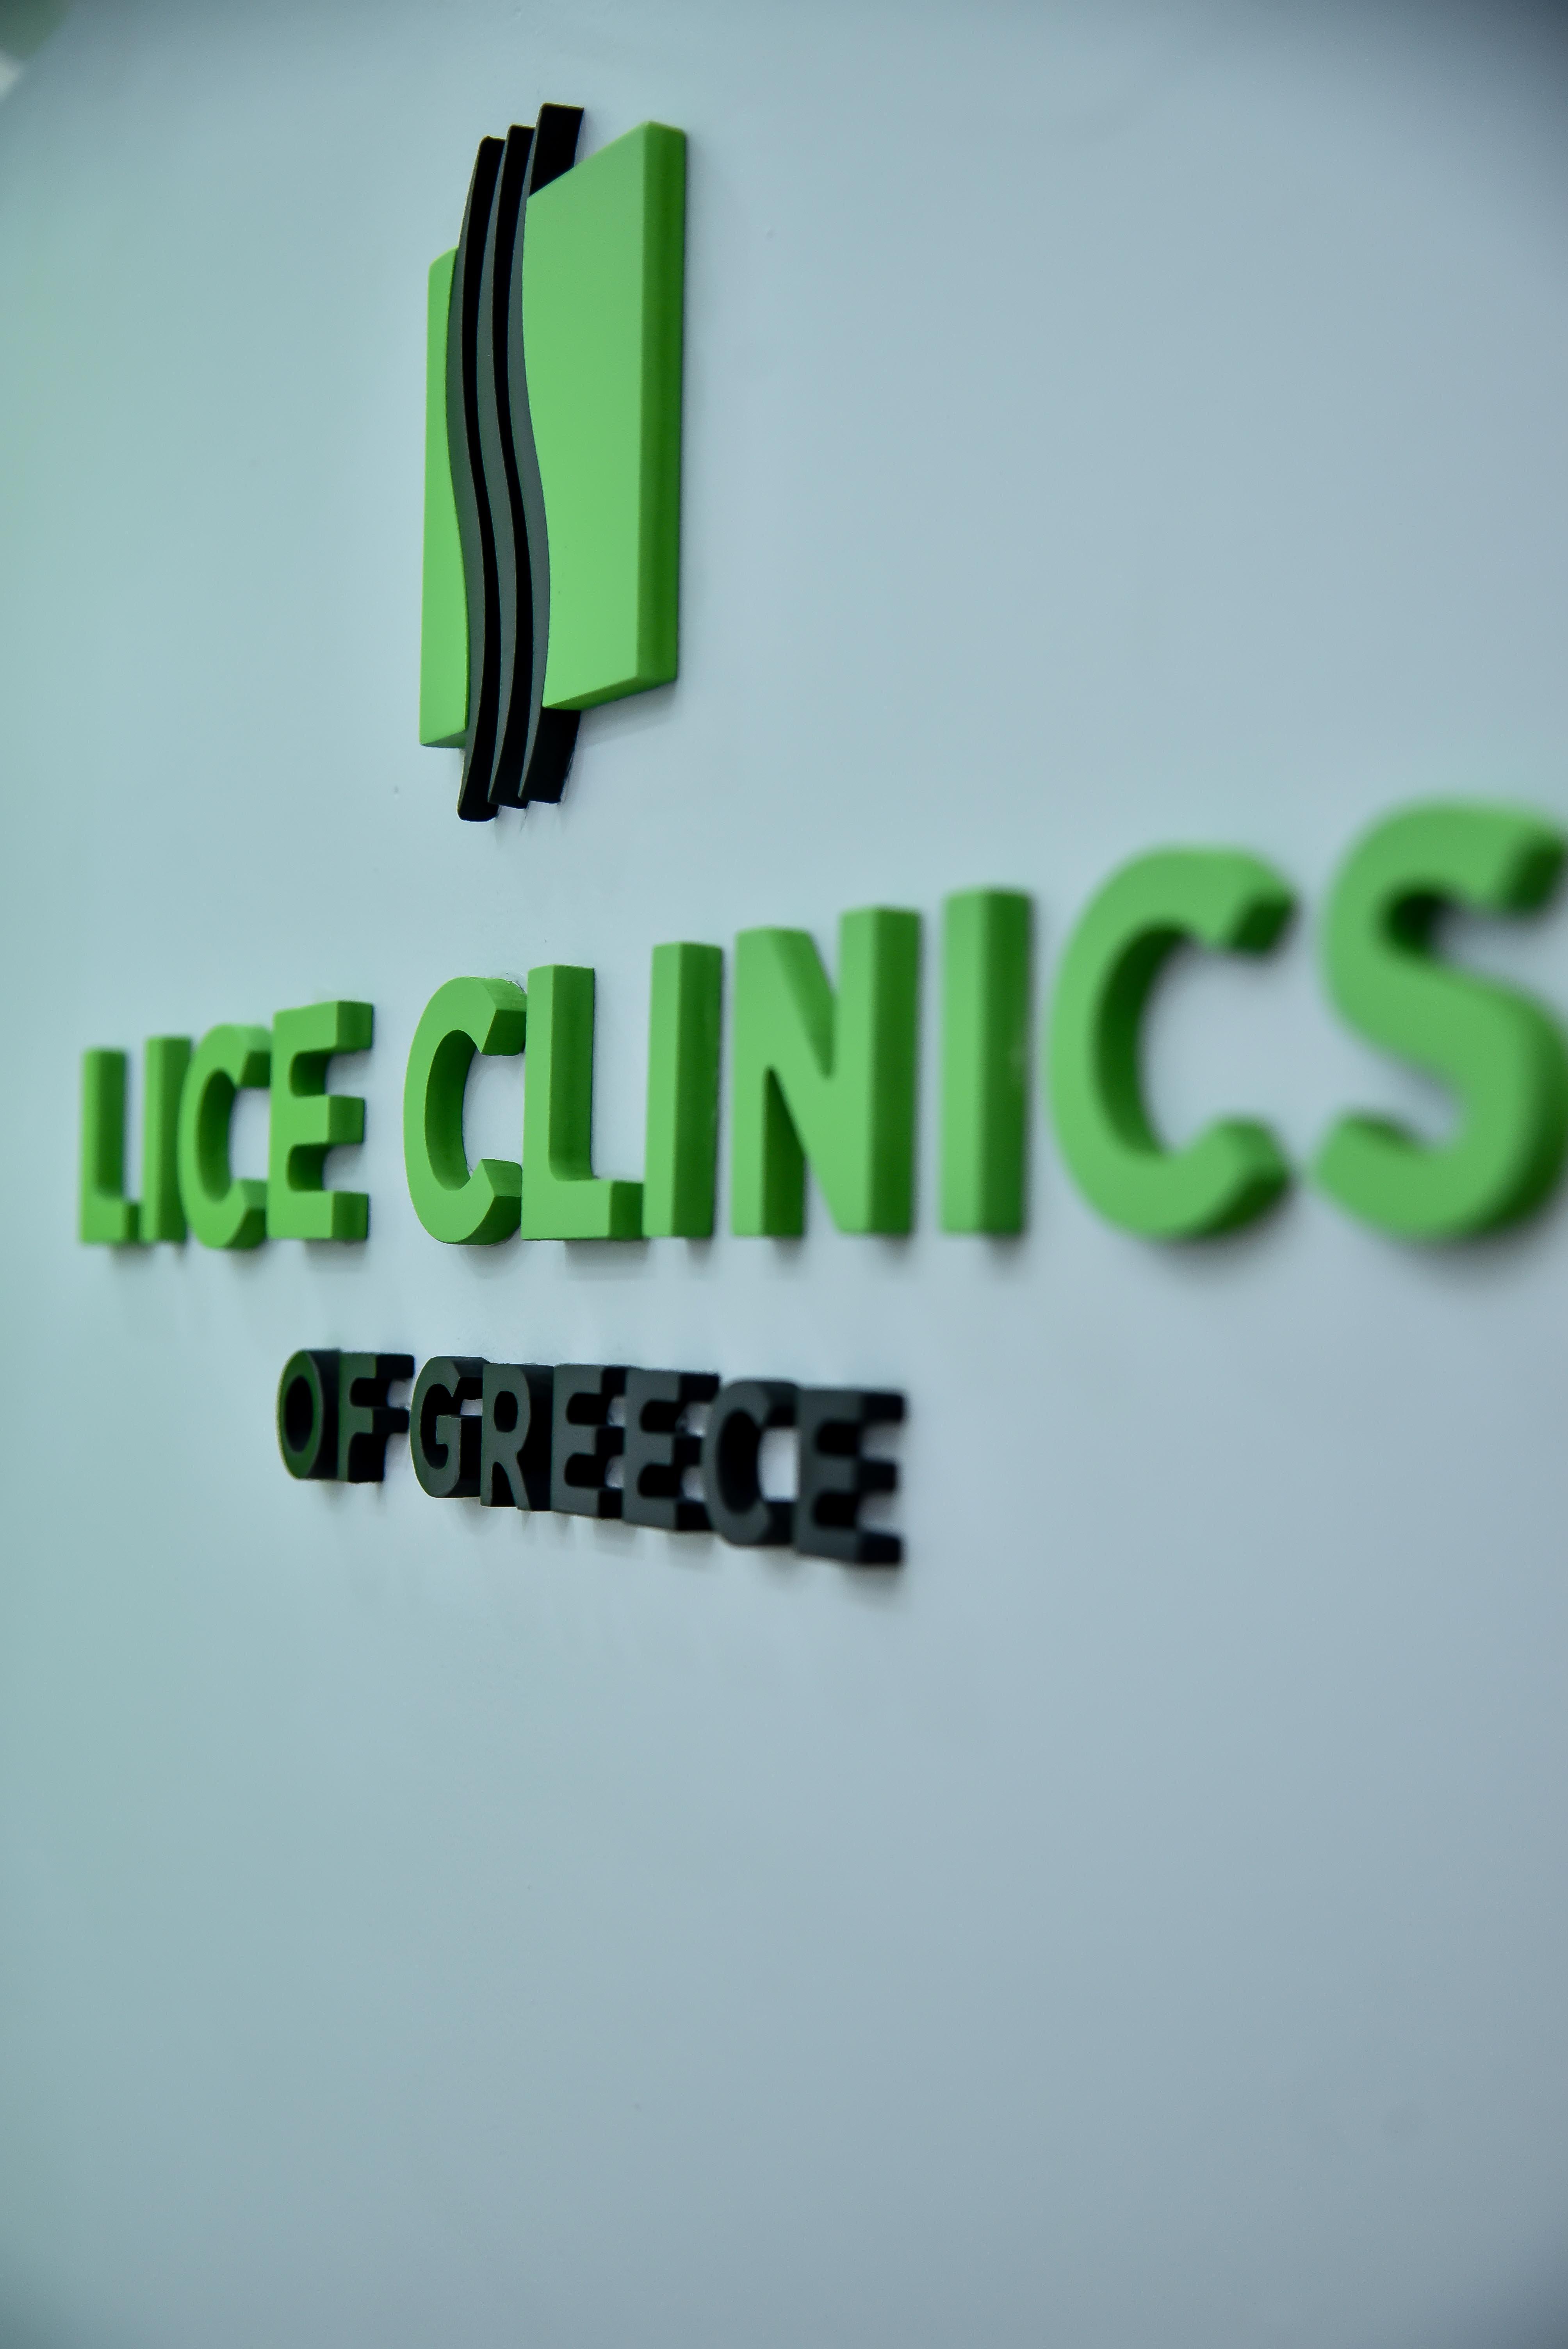 LAZ 1146 - Lice Clinics: Όλες οι Λαρισαίες μαμάδες θα το λατρέψουν!